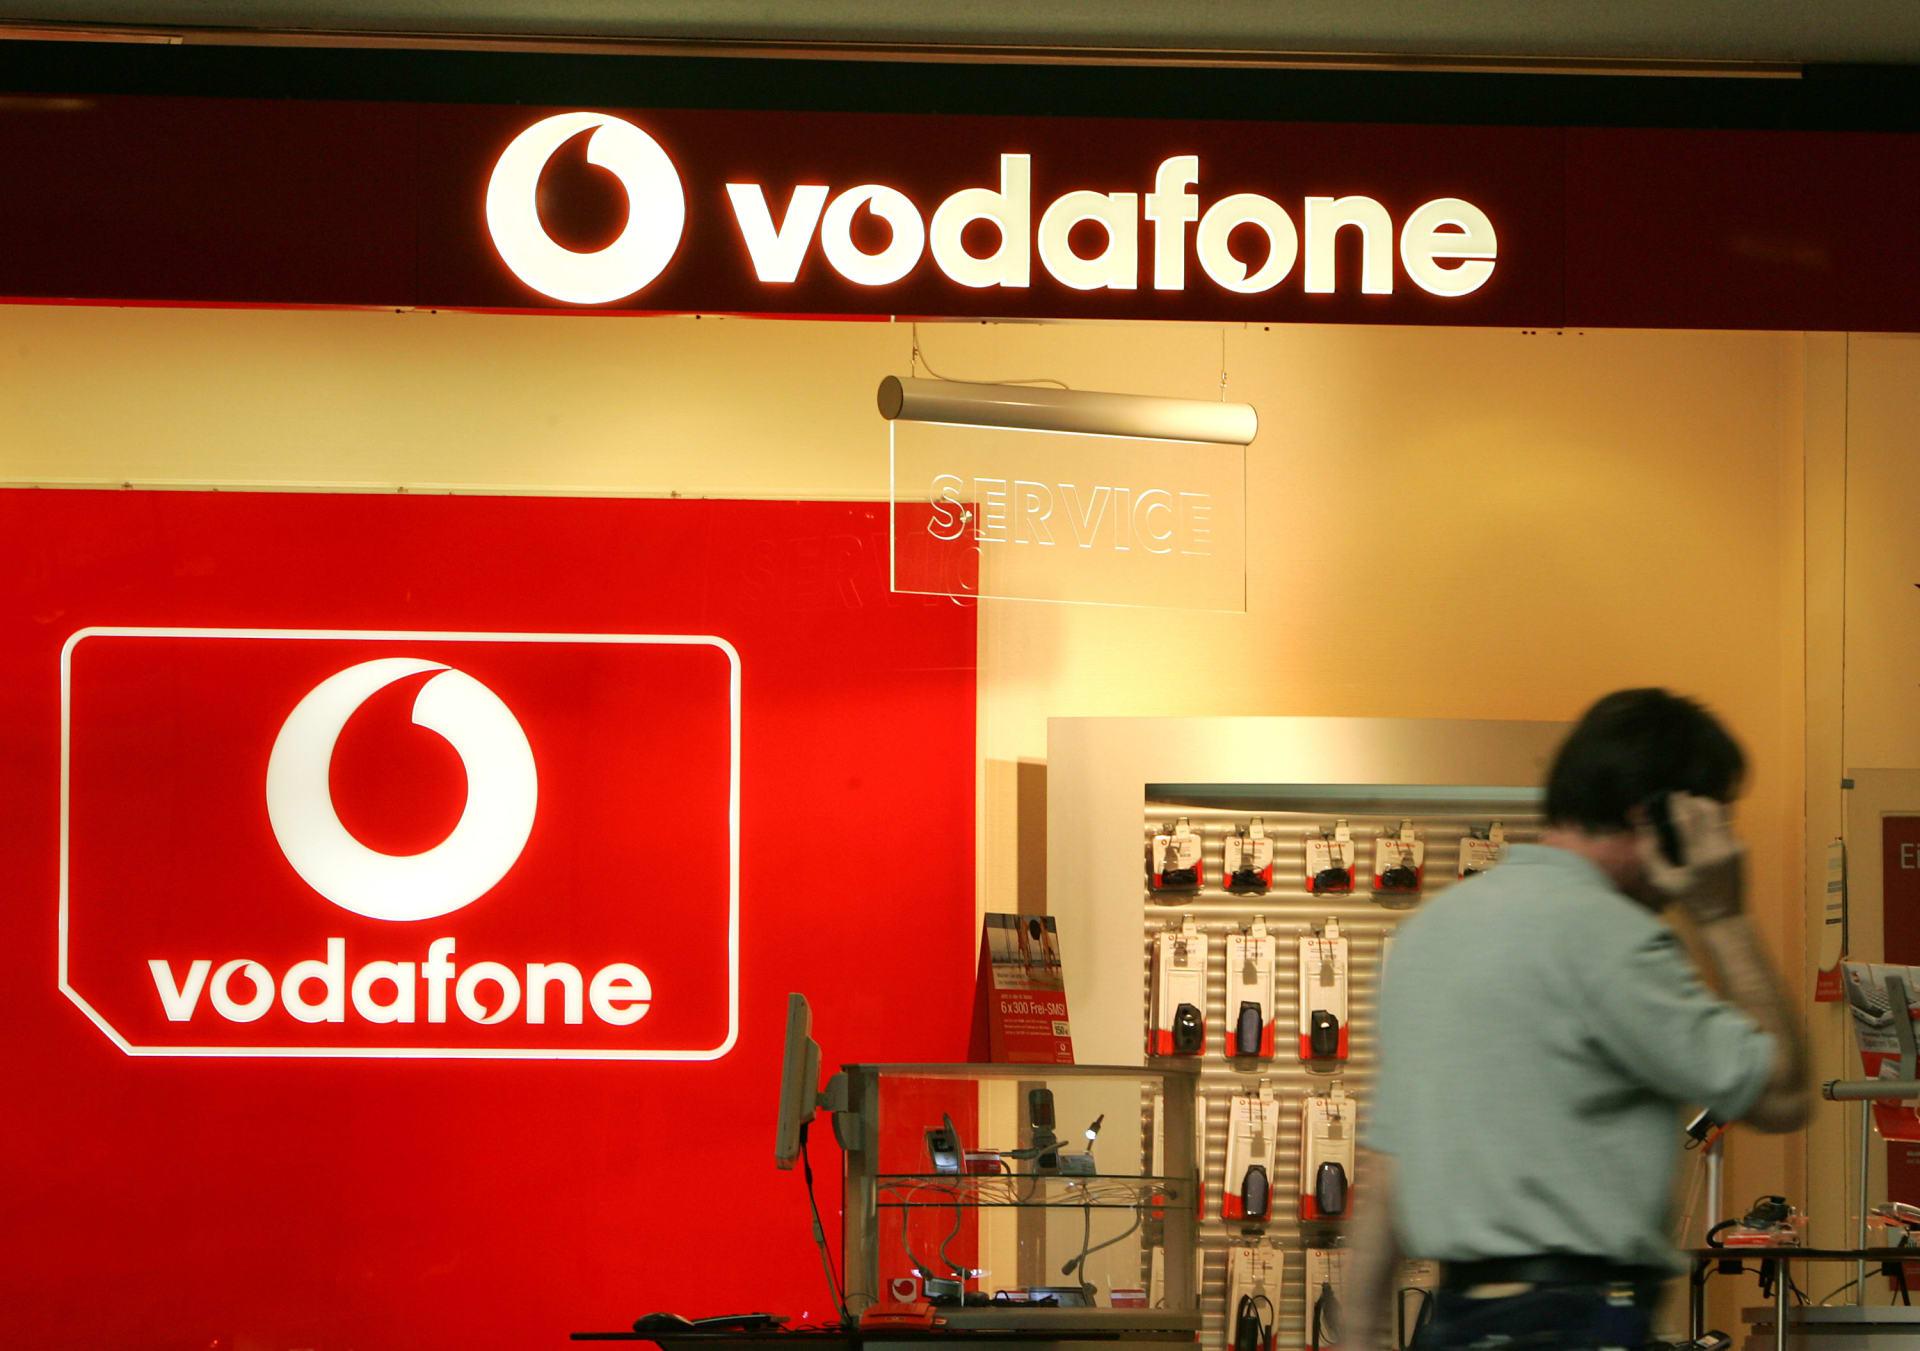 شركة الاتصالات السعودية تعلن عدم التوصل لاتفاق للاستحواذ على حصة فودافون مصر